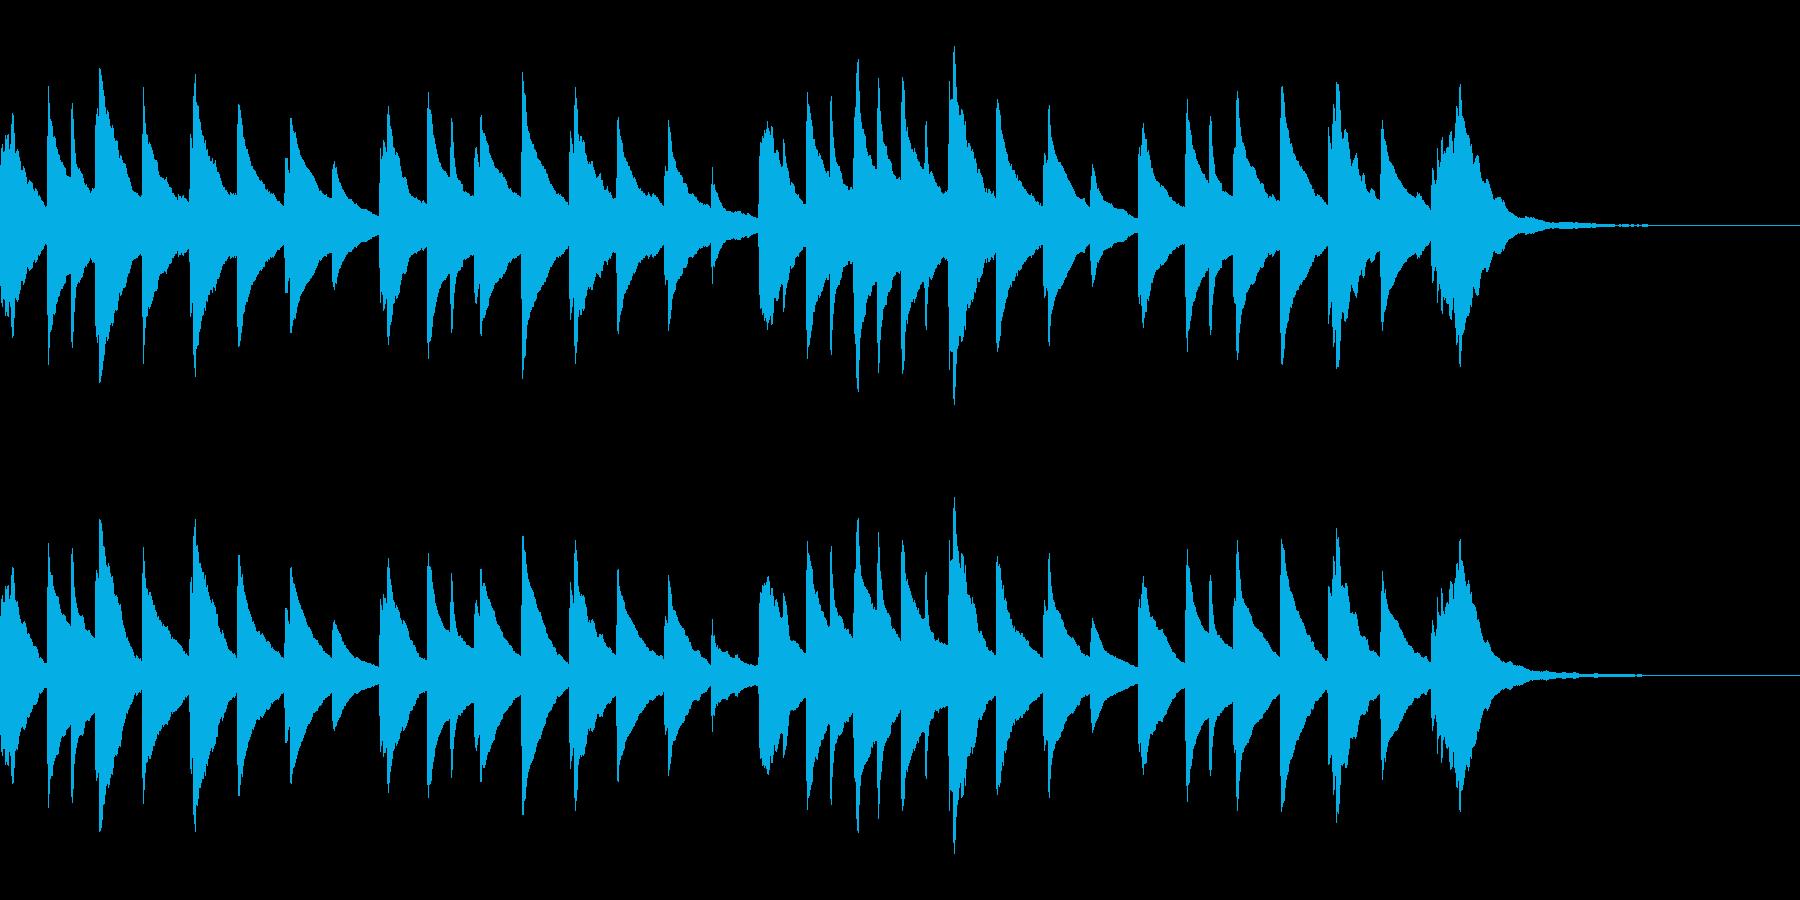 ベビー用オルゴール 5 Monkeysの再生済みの波形